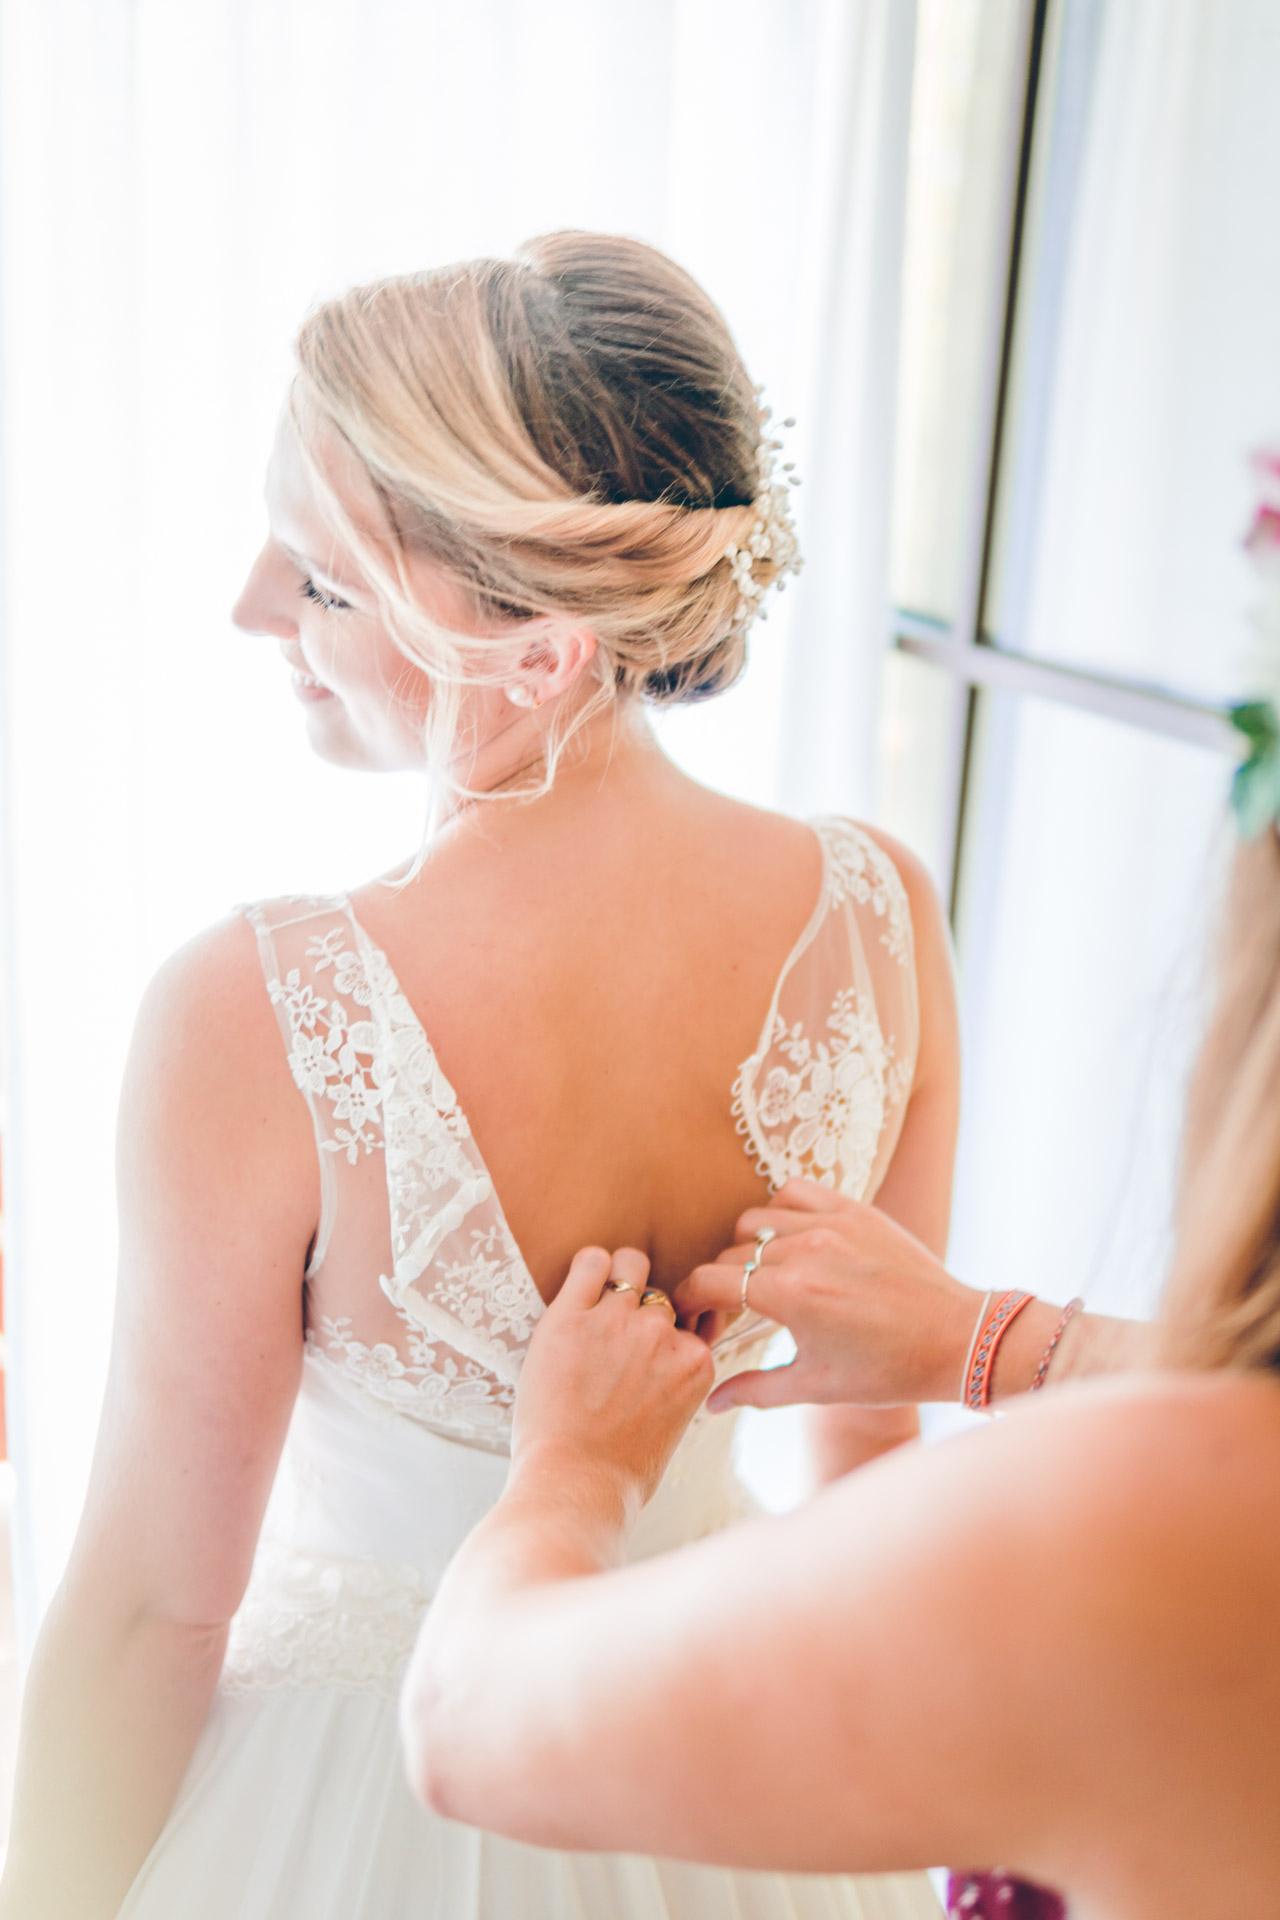 Die Braut und ihre Trauzeugin beim Hochzeitskleid anziehen